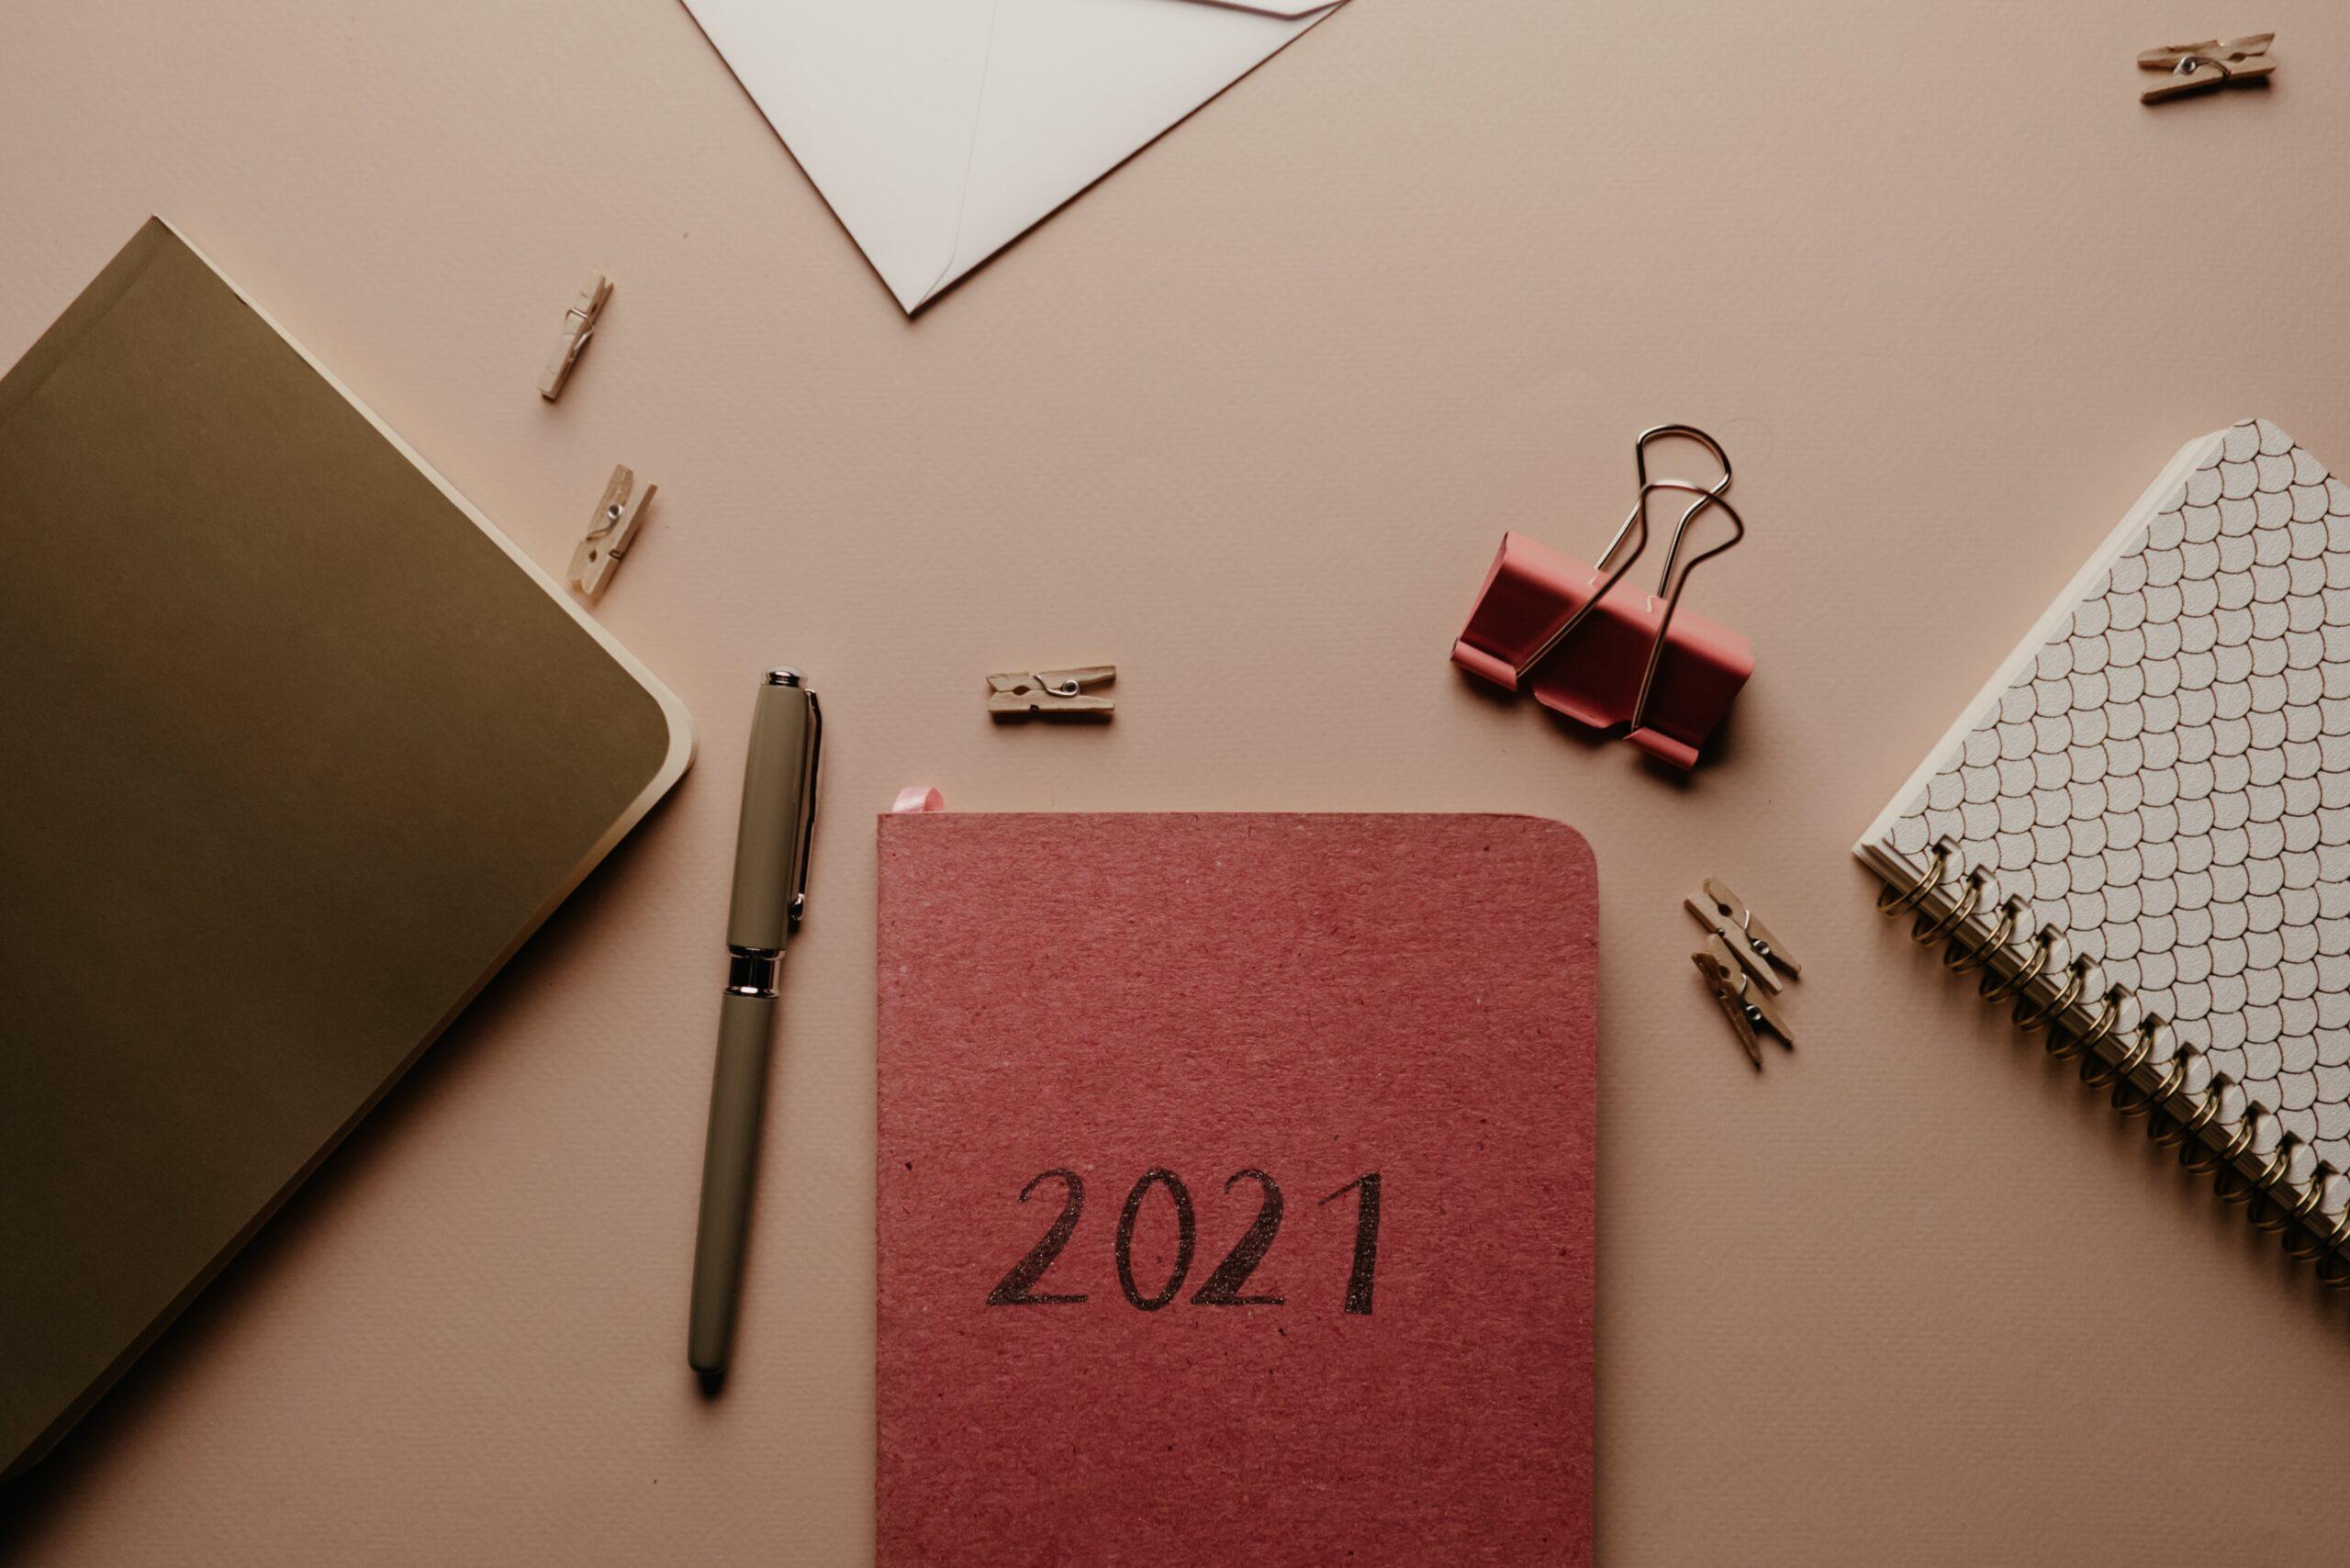 Můj plán a cíl na rok 2021